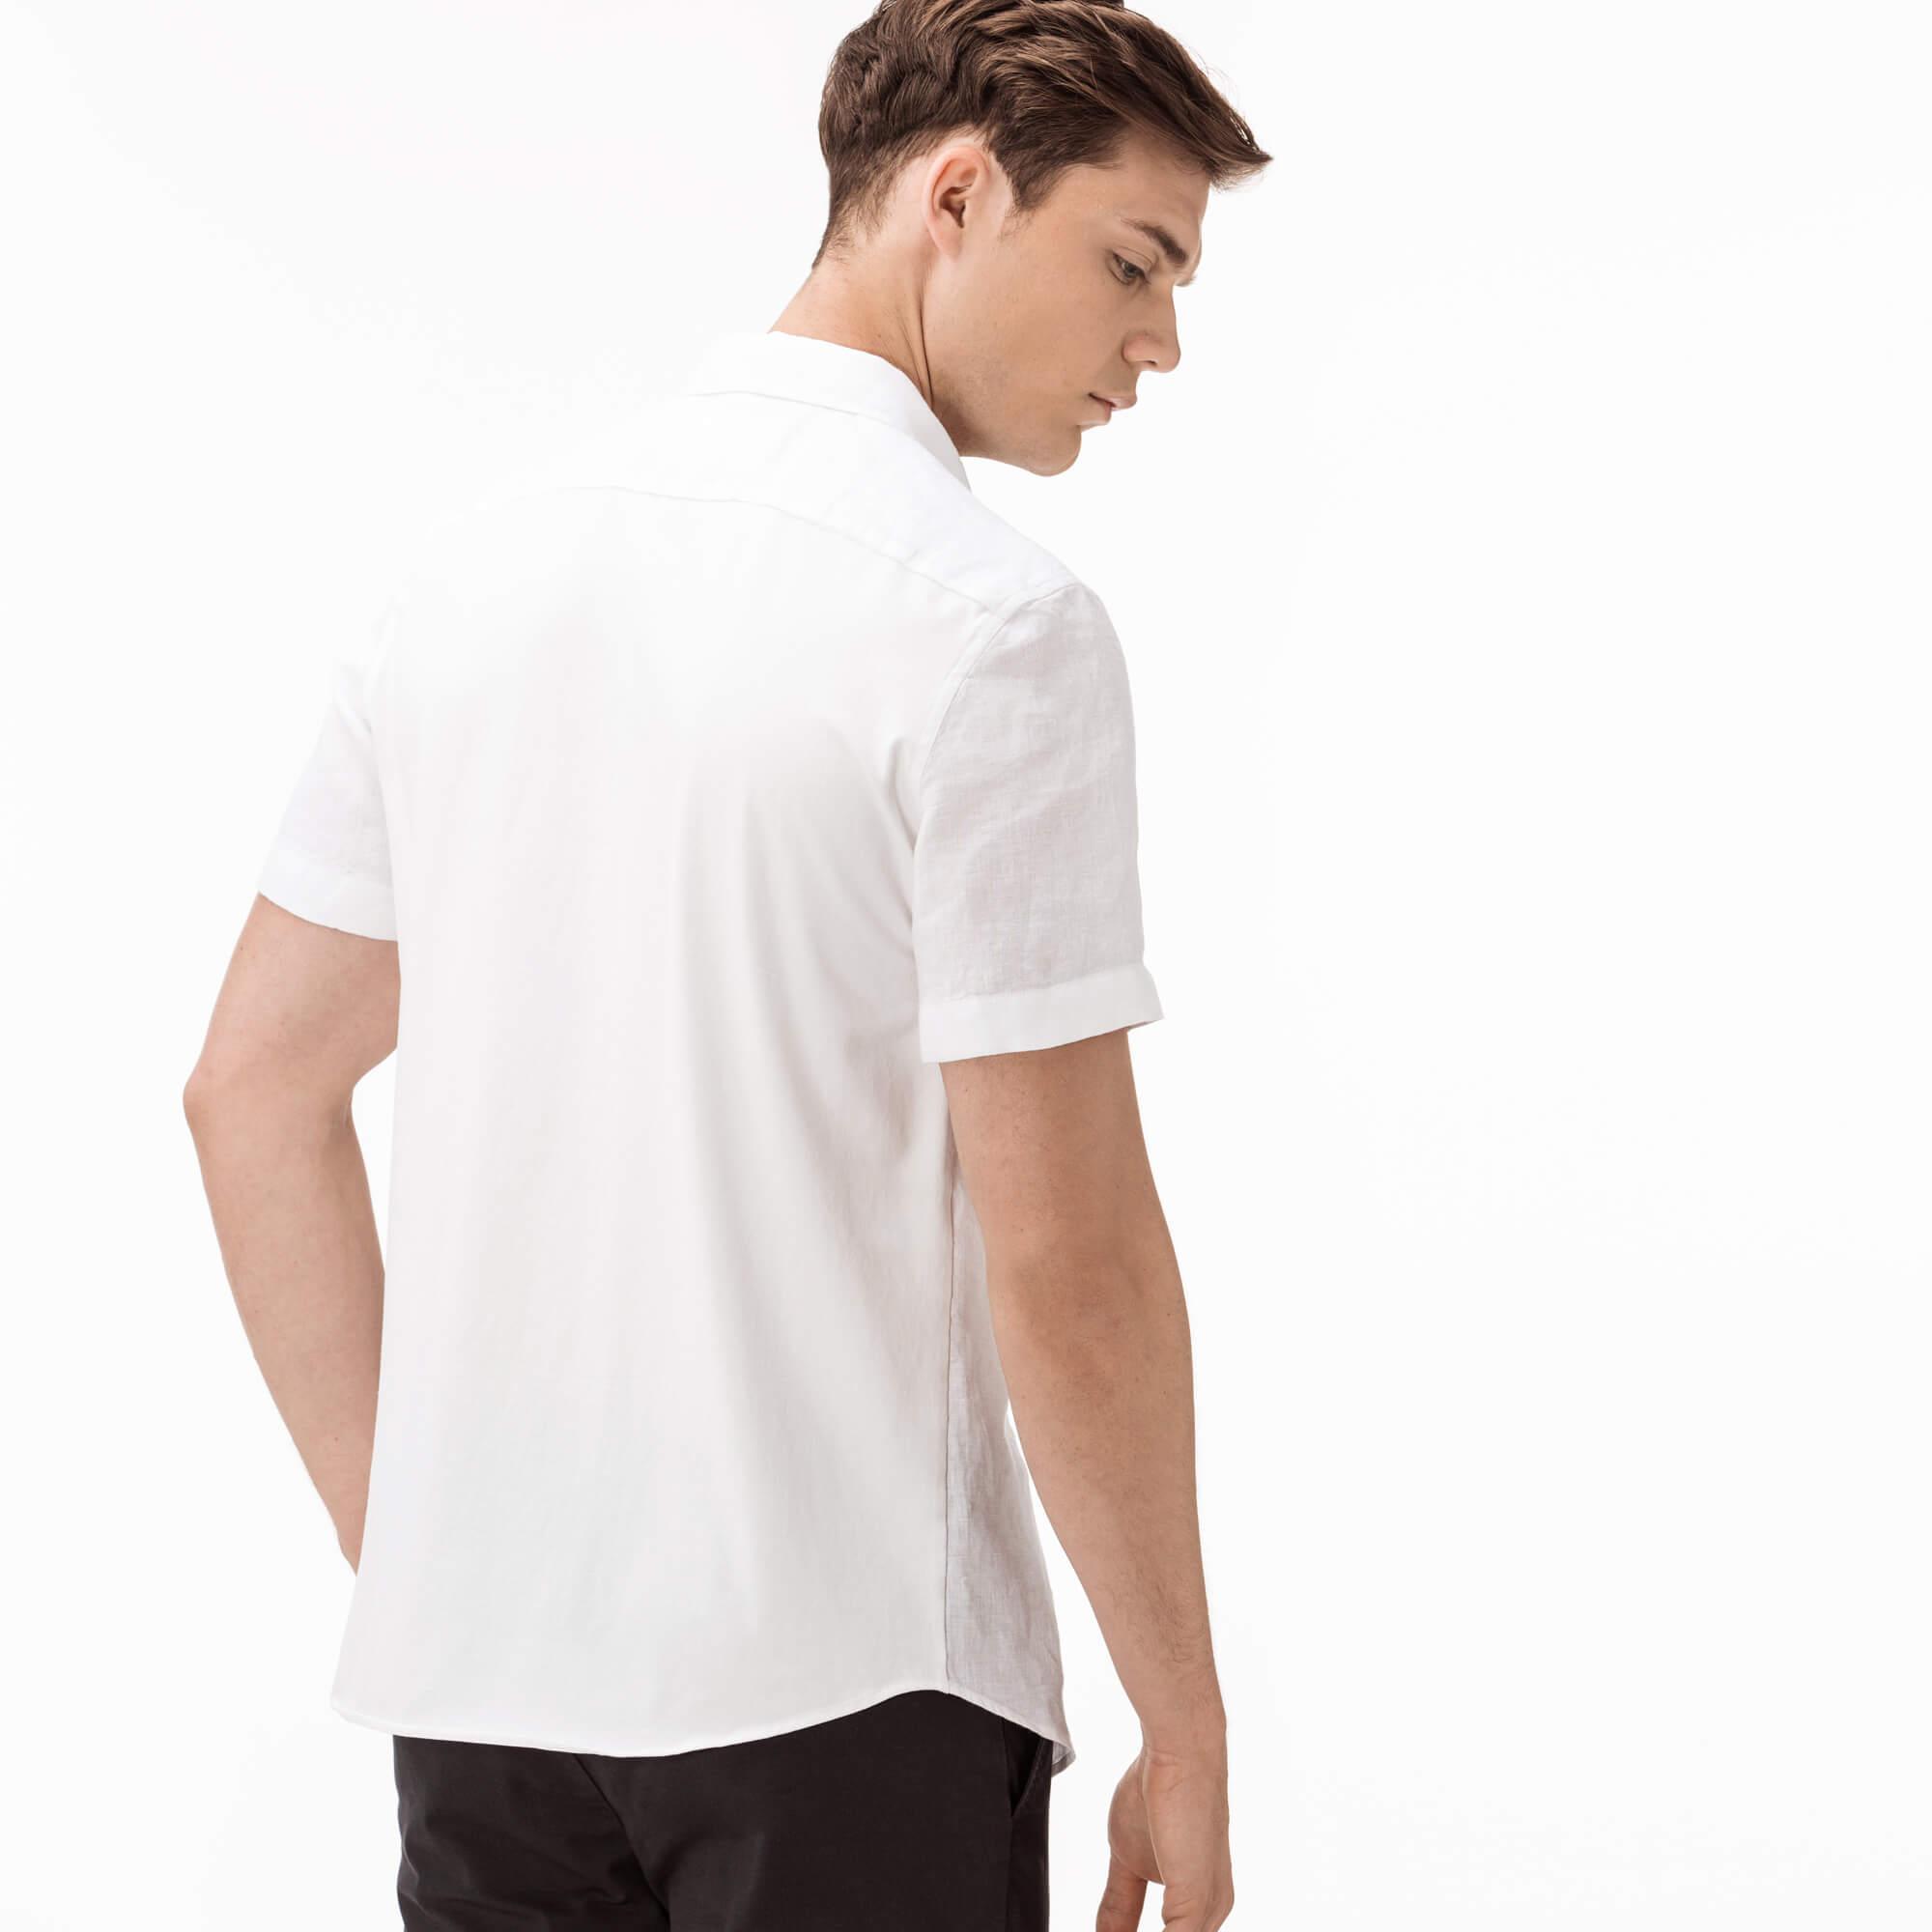 Фото 2 - Мужскую рубашку Lacoste белого цвета